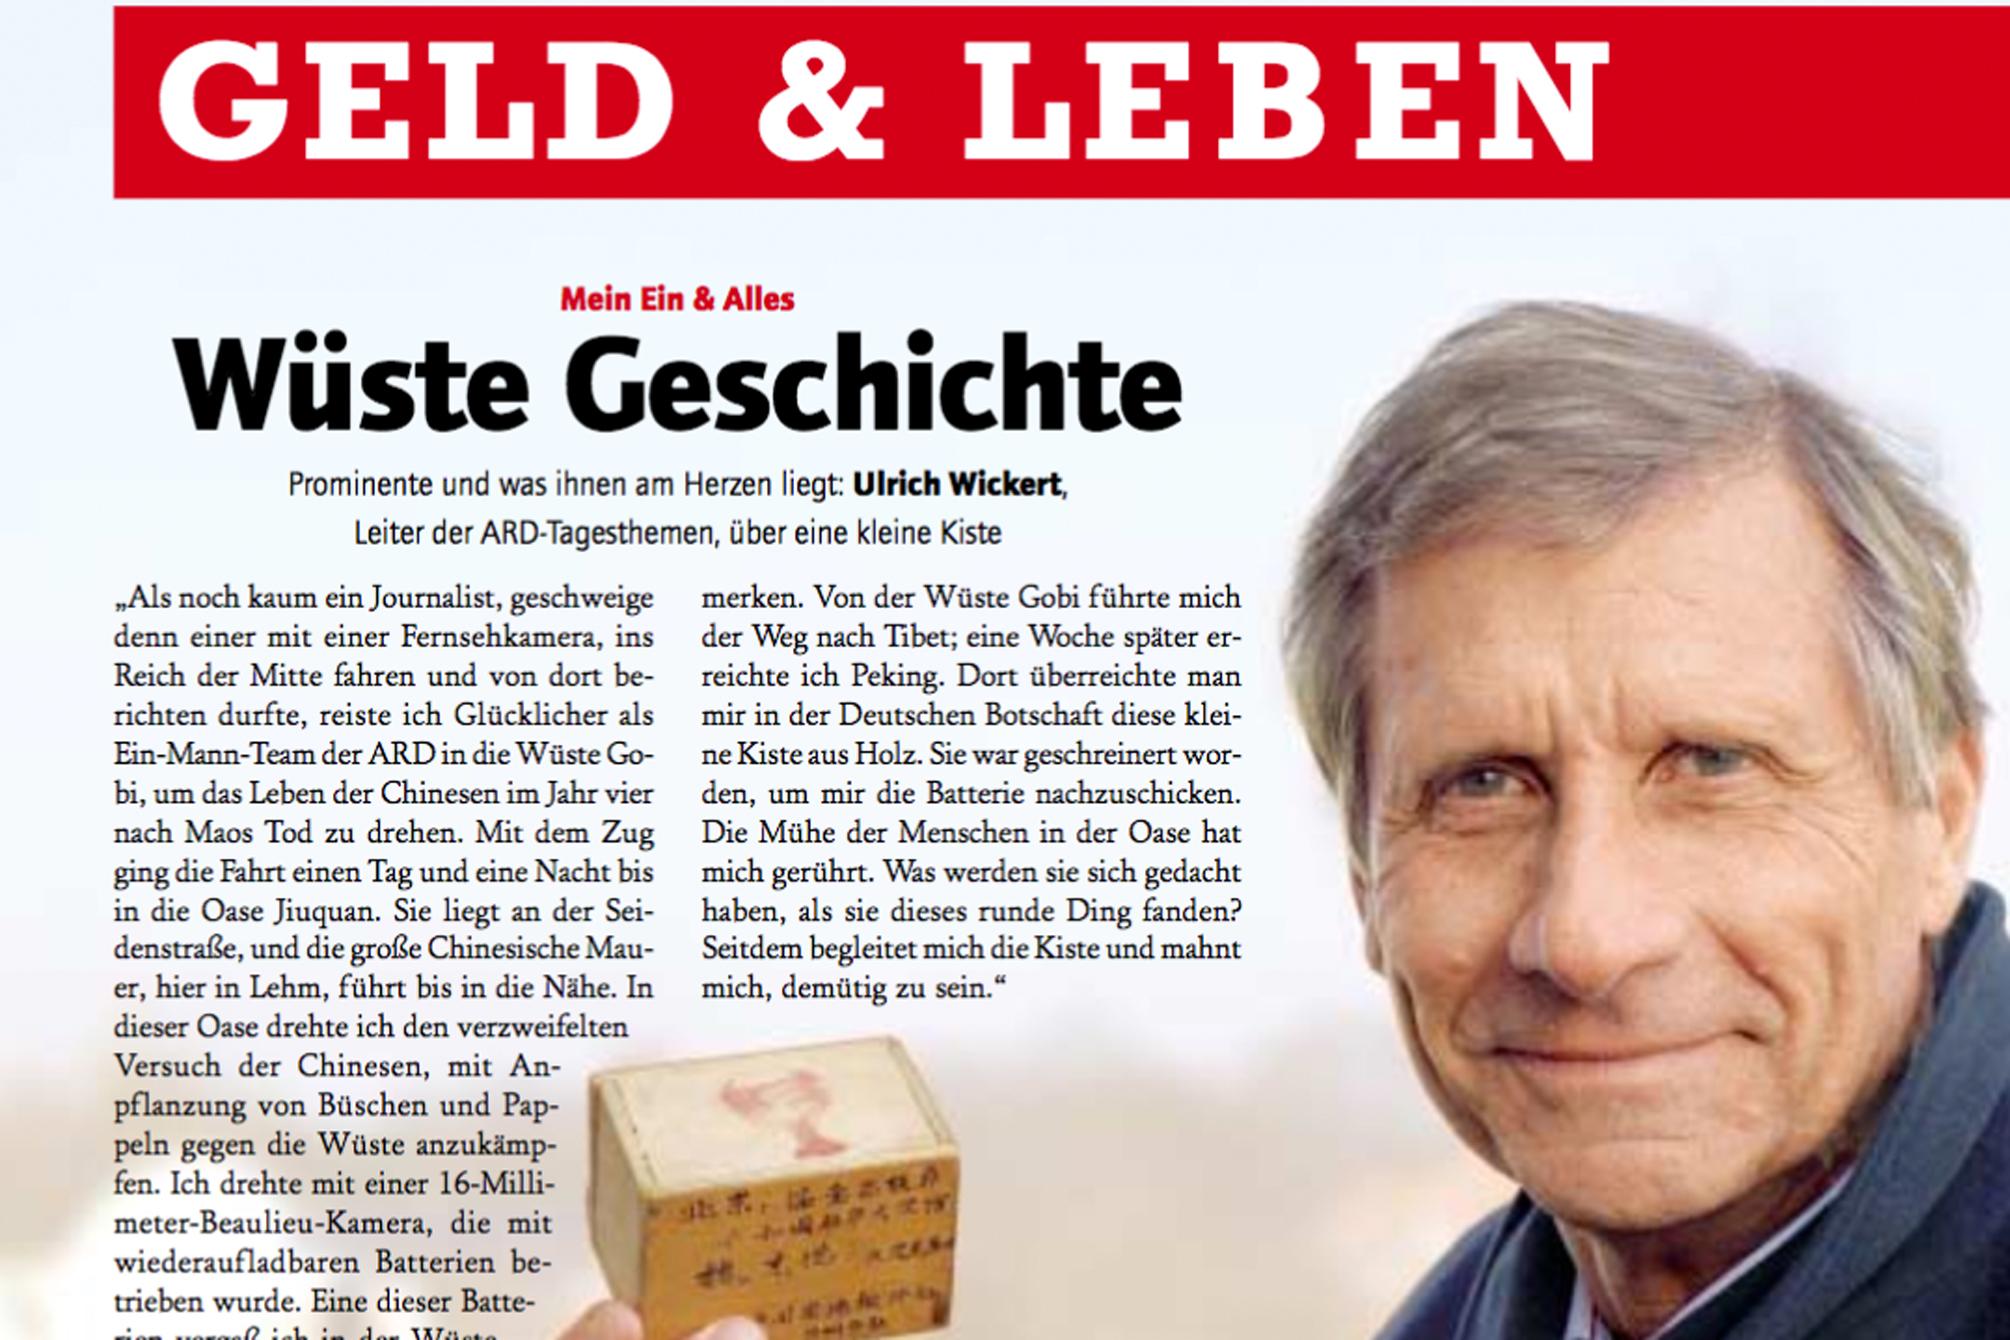 Ulrich Wickert, Leiter der ARD-Tagesthemen